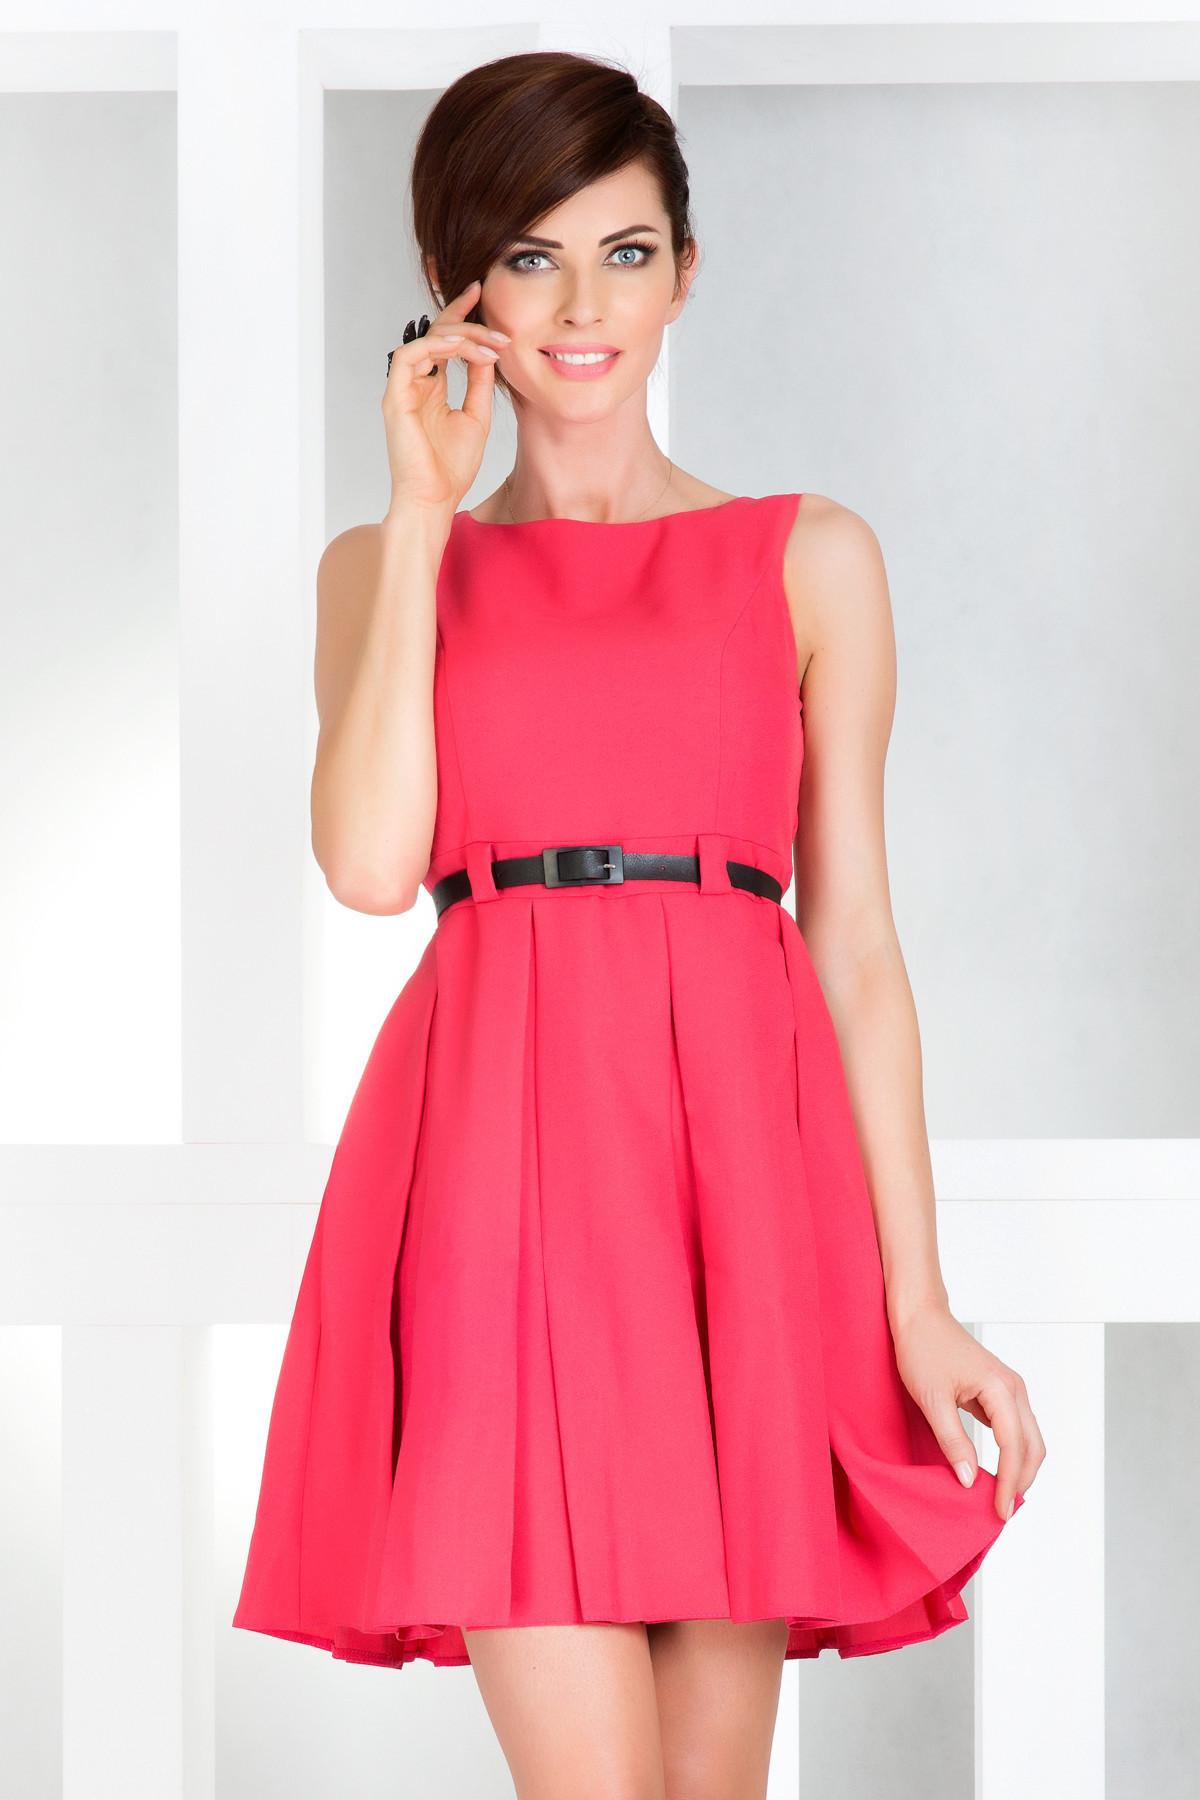 Dámské společenské šaty NUMOCO s páskem středně dlouhé růžové - Růžová / XL - Numoco růžová XL